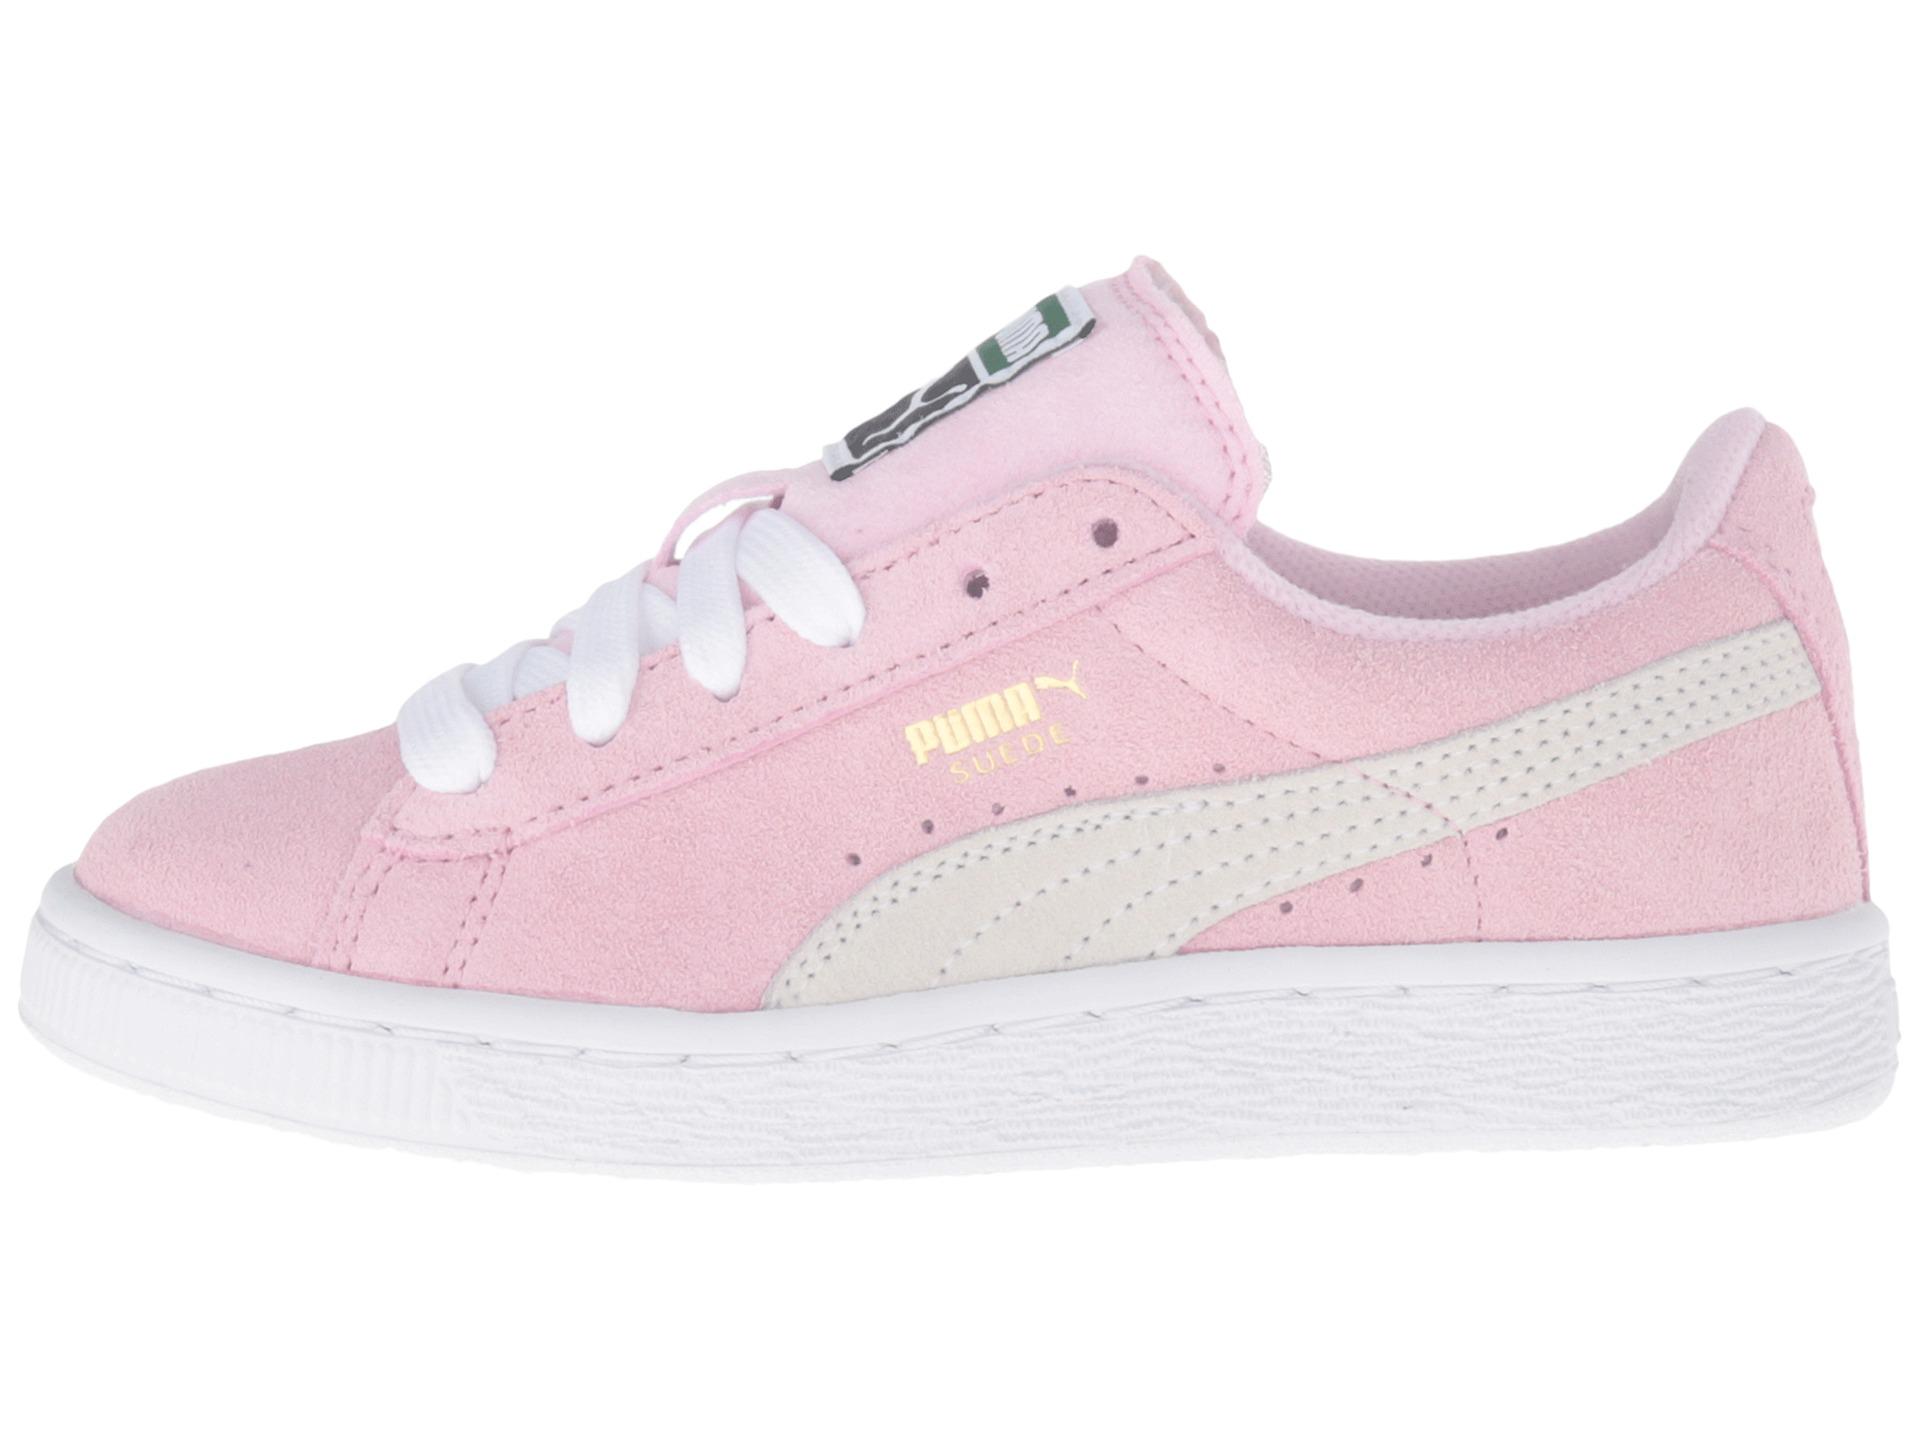 Buy baby pink suede pumas > OFF40% Discounts